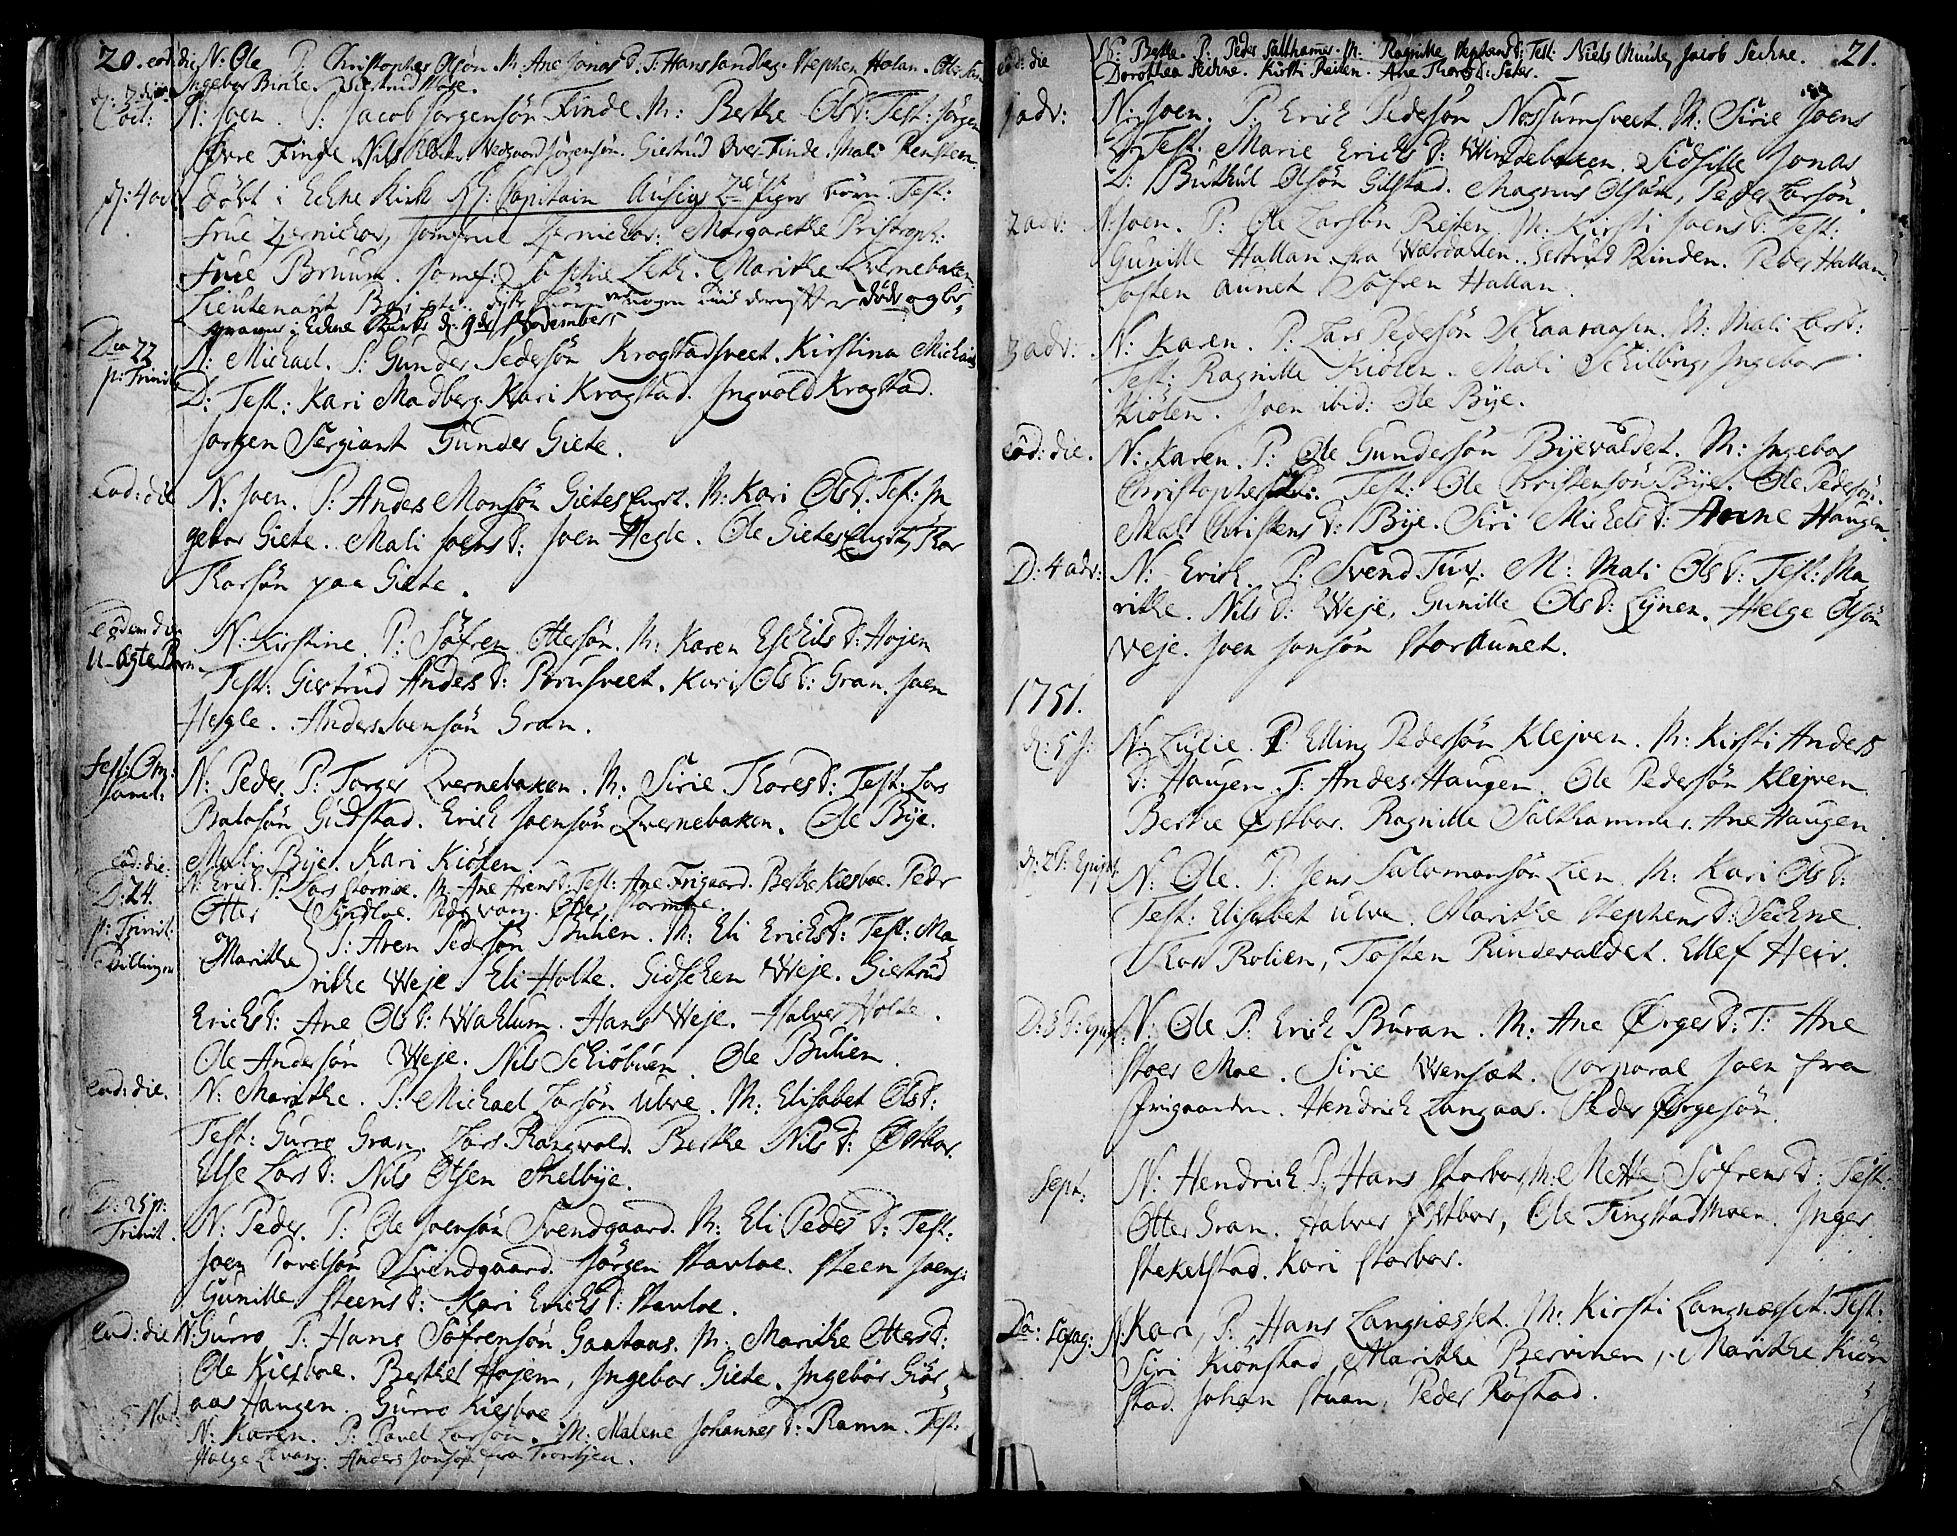 SAT, Ministerialprotokoller, klokkerbøker og fødselsregistre - Nord-Trøndelag, 717/L0141: Ministerialbok nr. 717A01, 1747-1803, s. 20-21